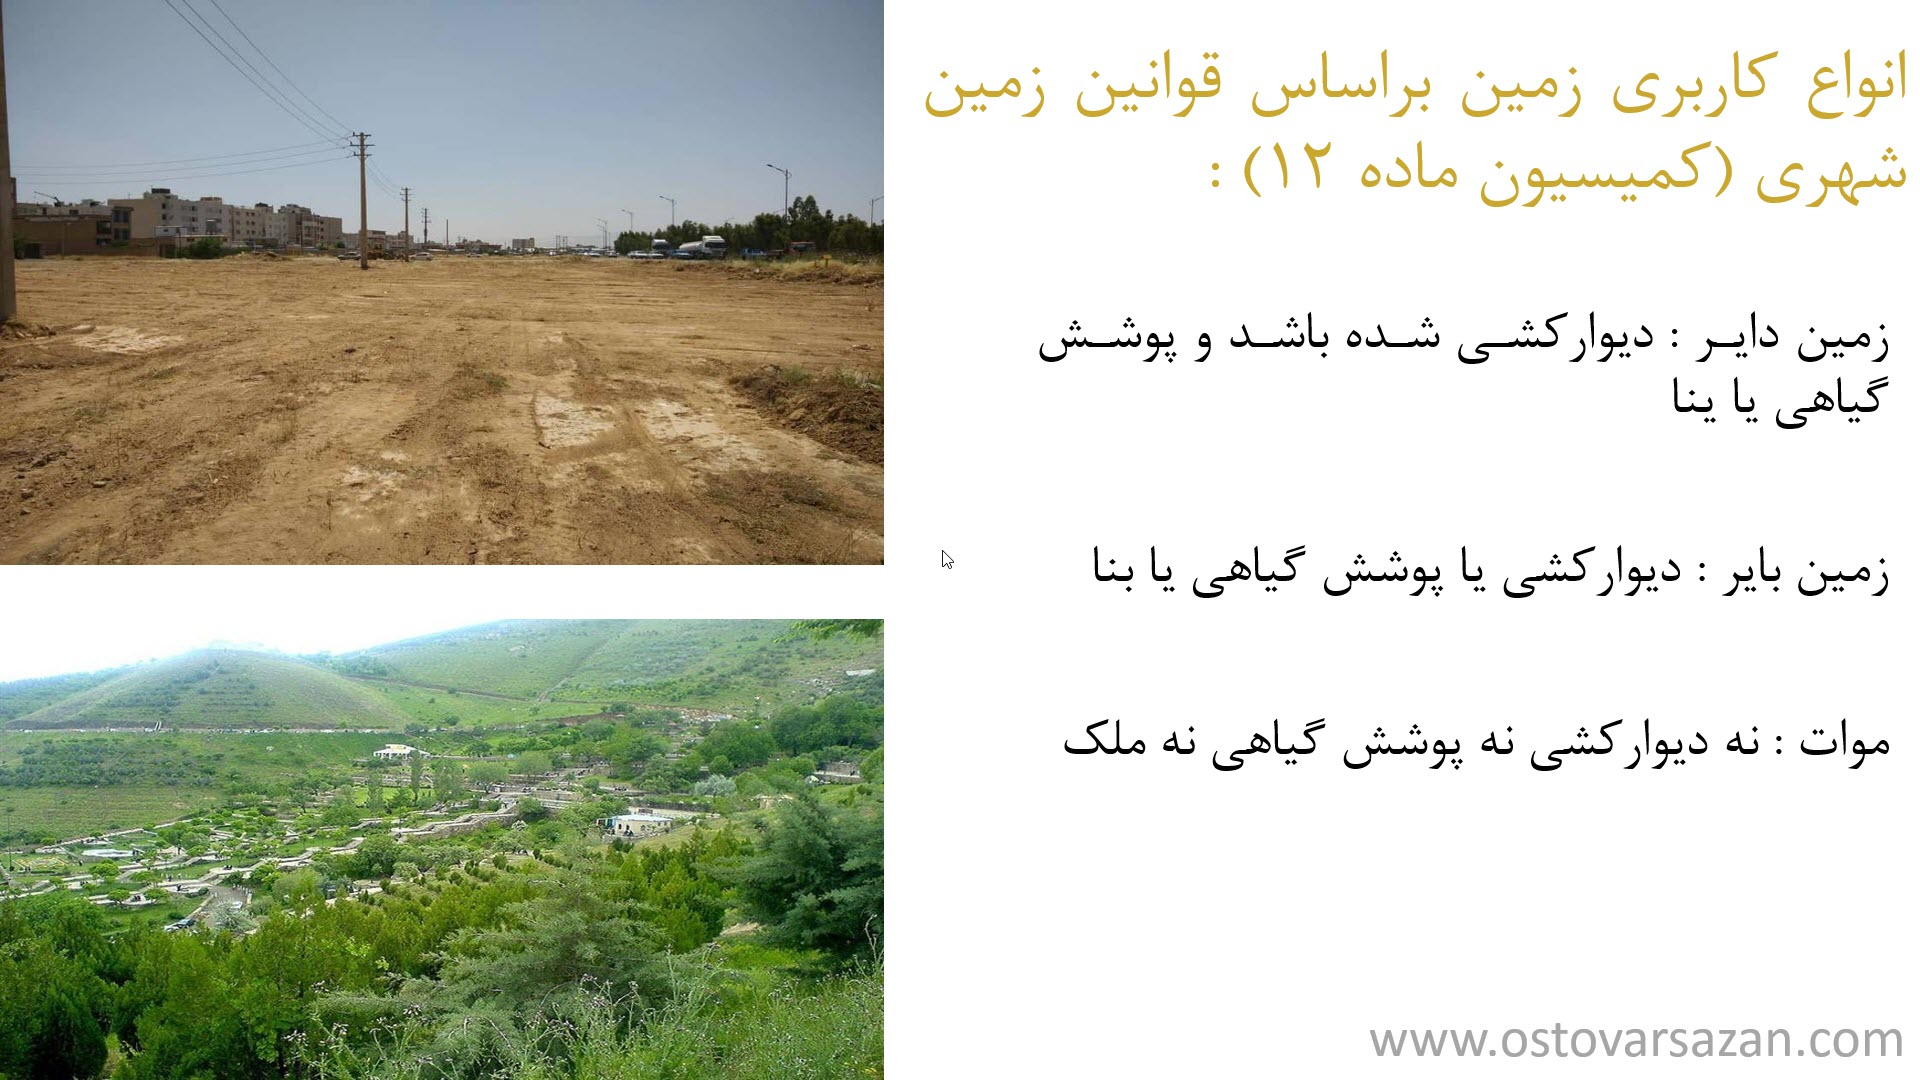 کمیسیون ماده 12 شهرداری چیست؟ قوانین زمین شهری